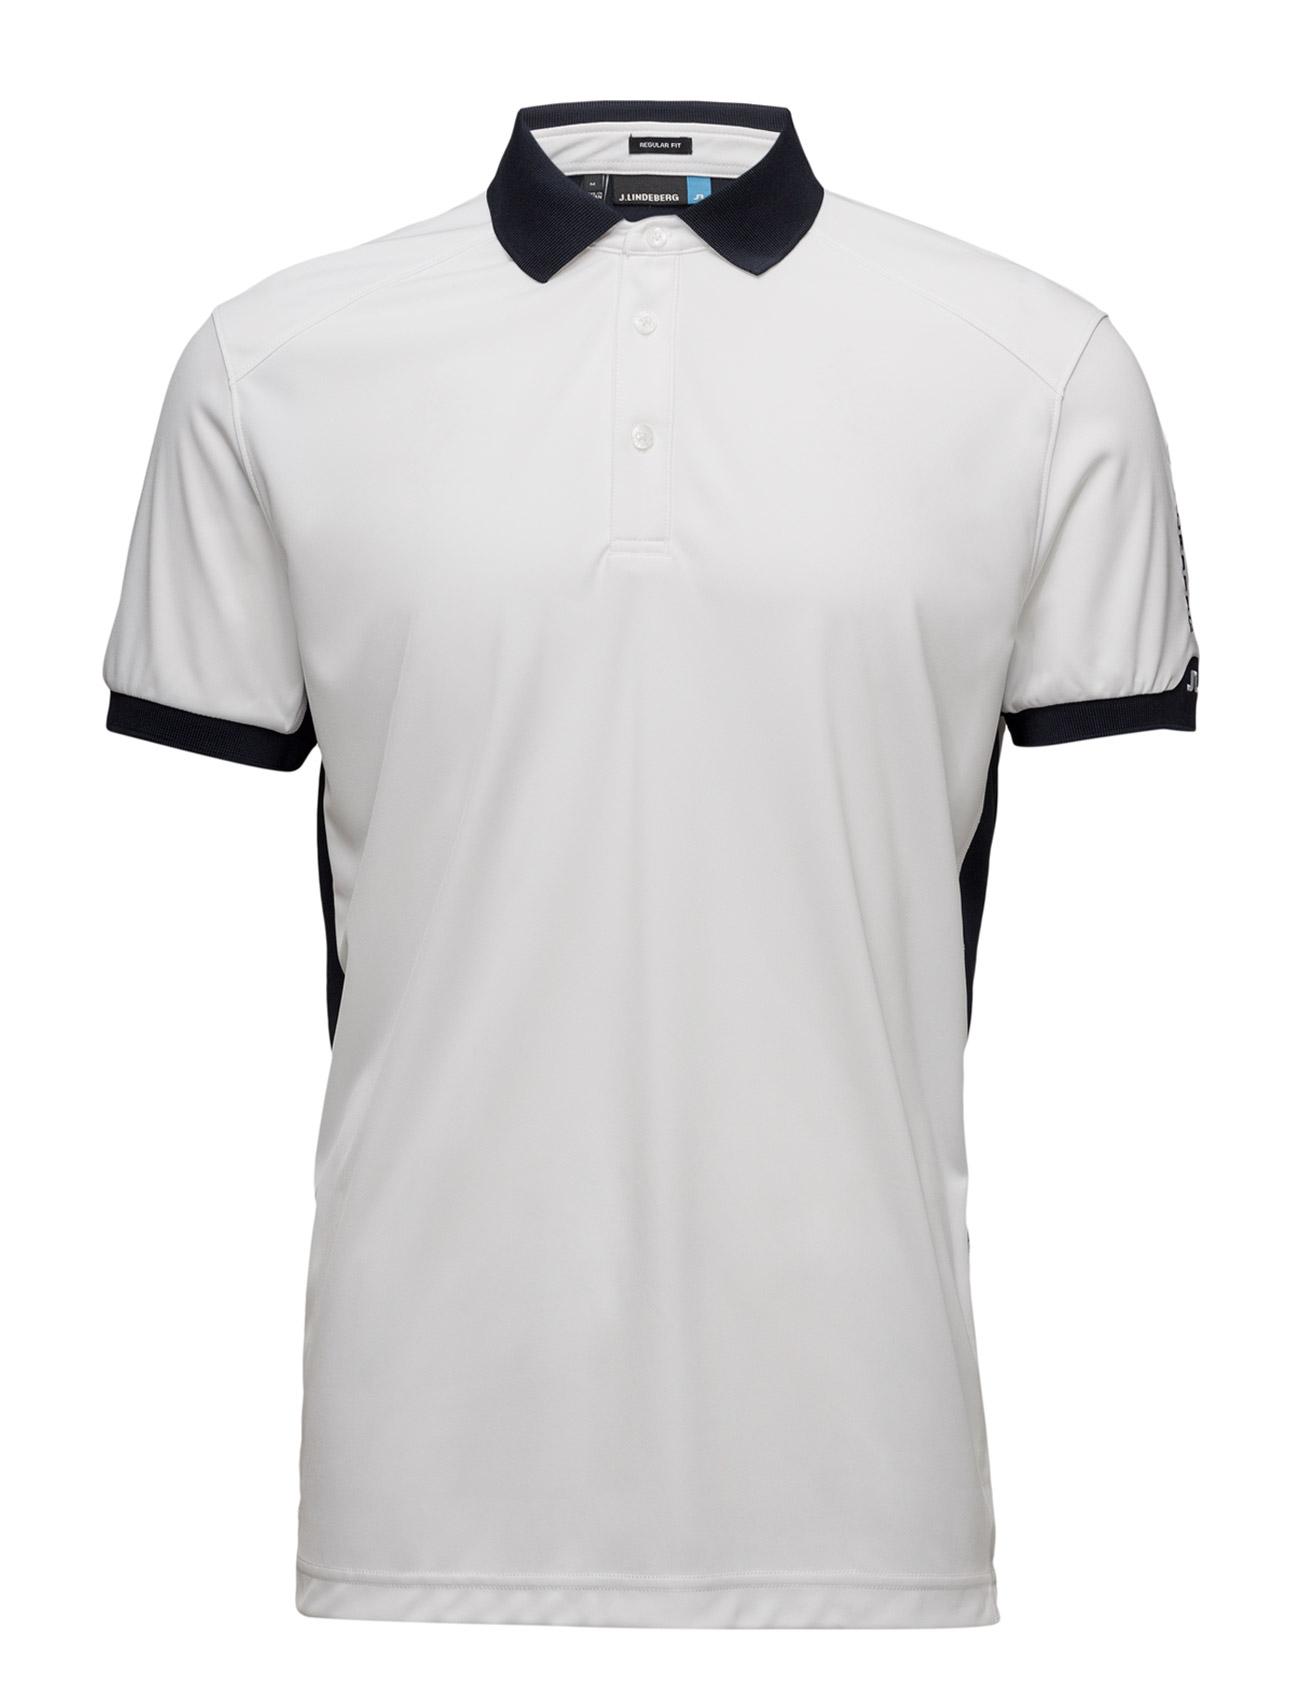 M Dennis Reg Tx Jersey J. Lindeberg Golf Golf polo t-shirts til Herrer i hvid